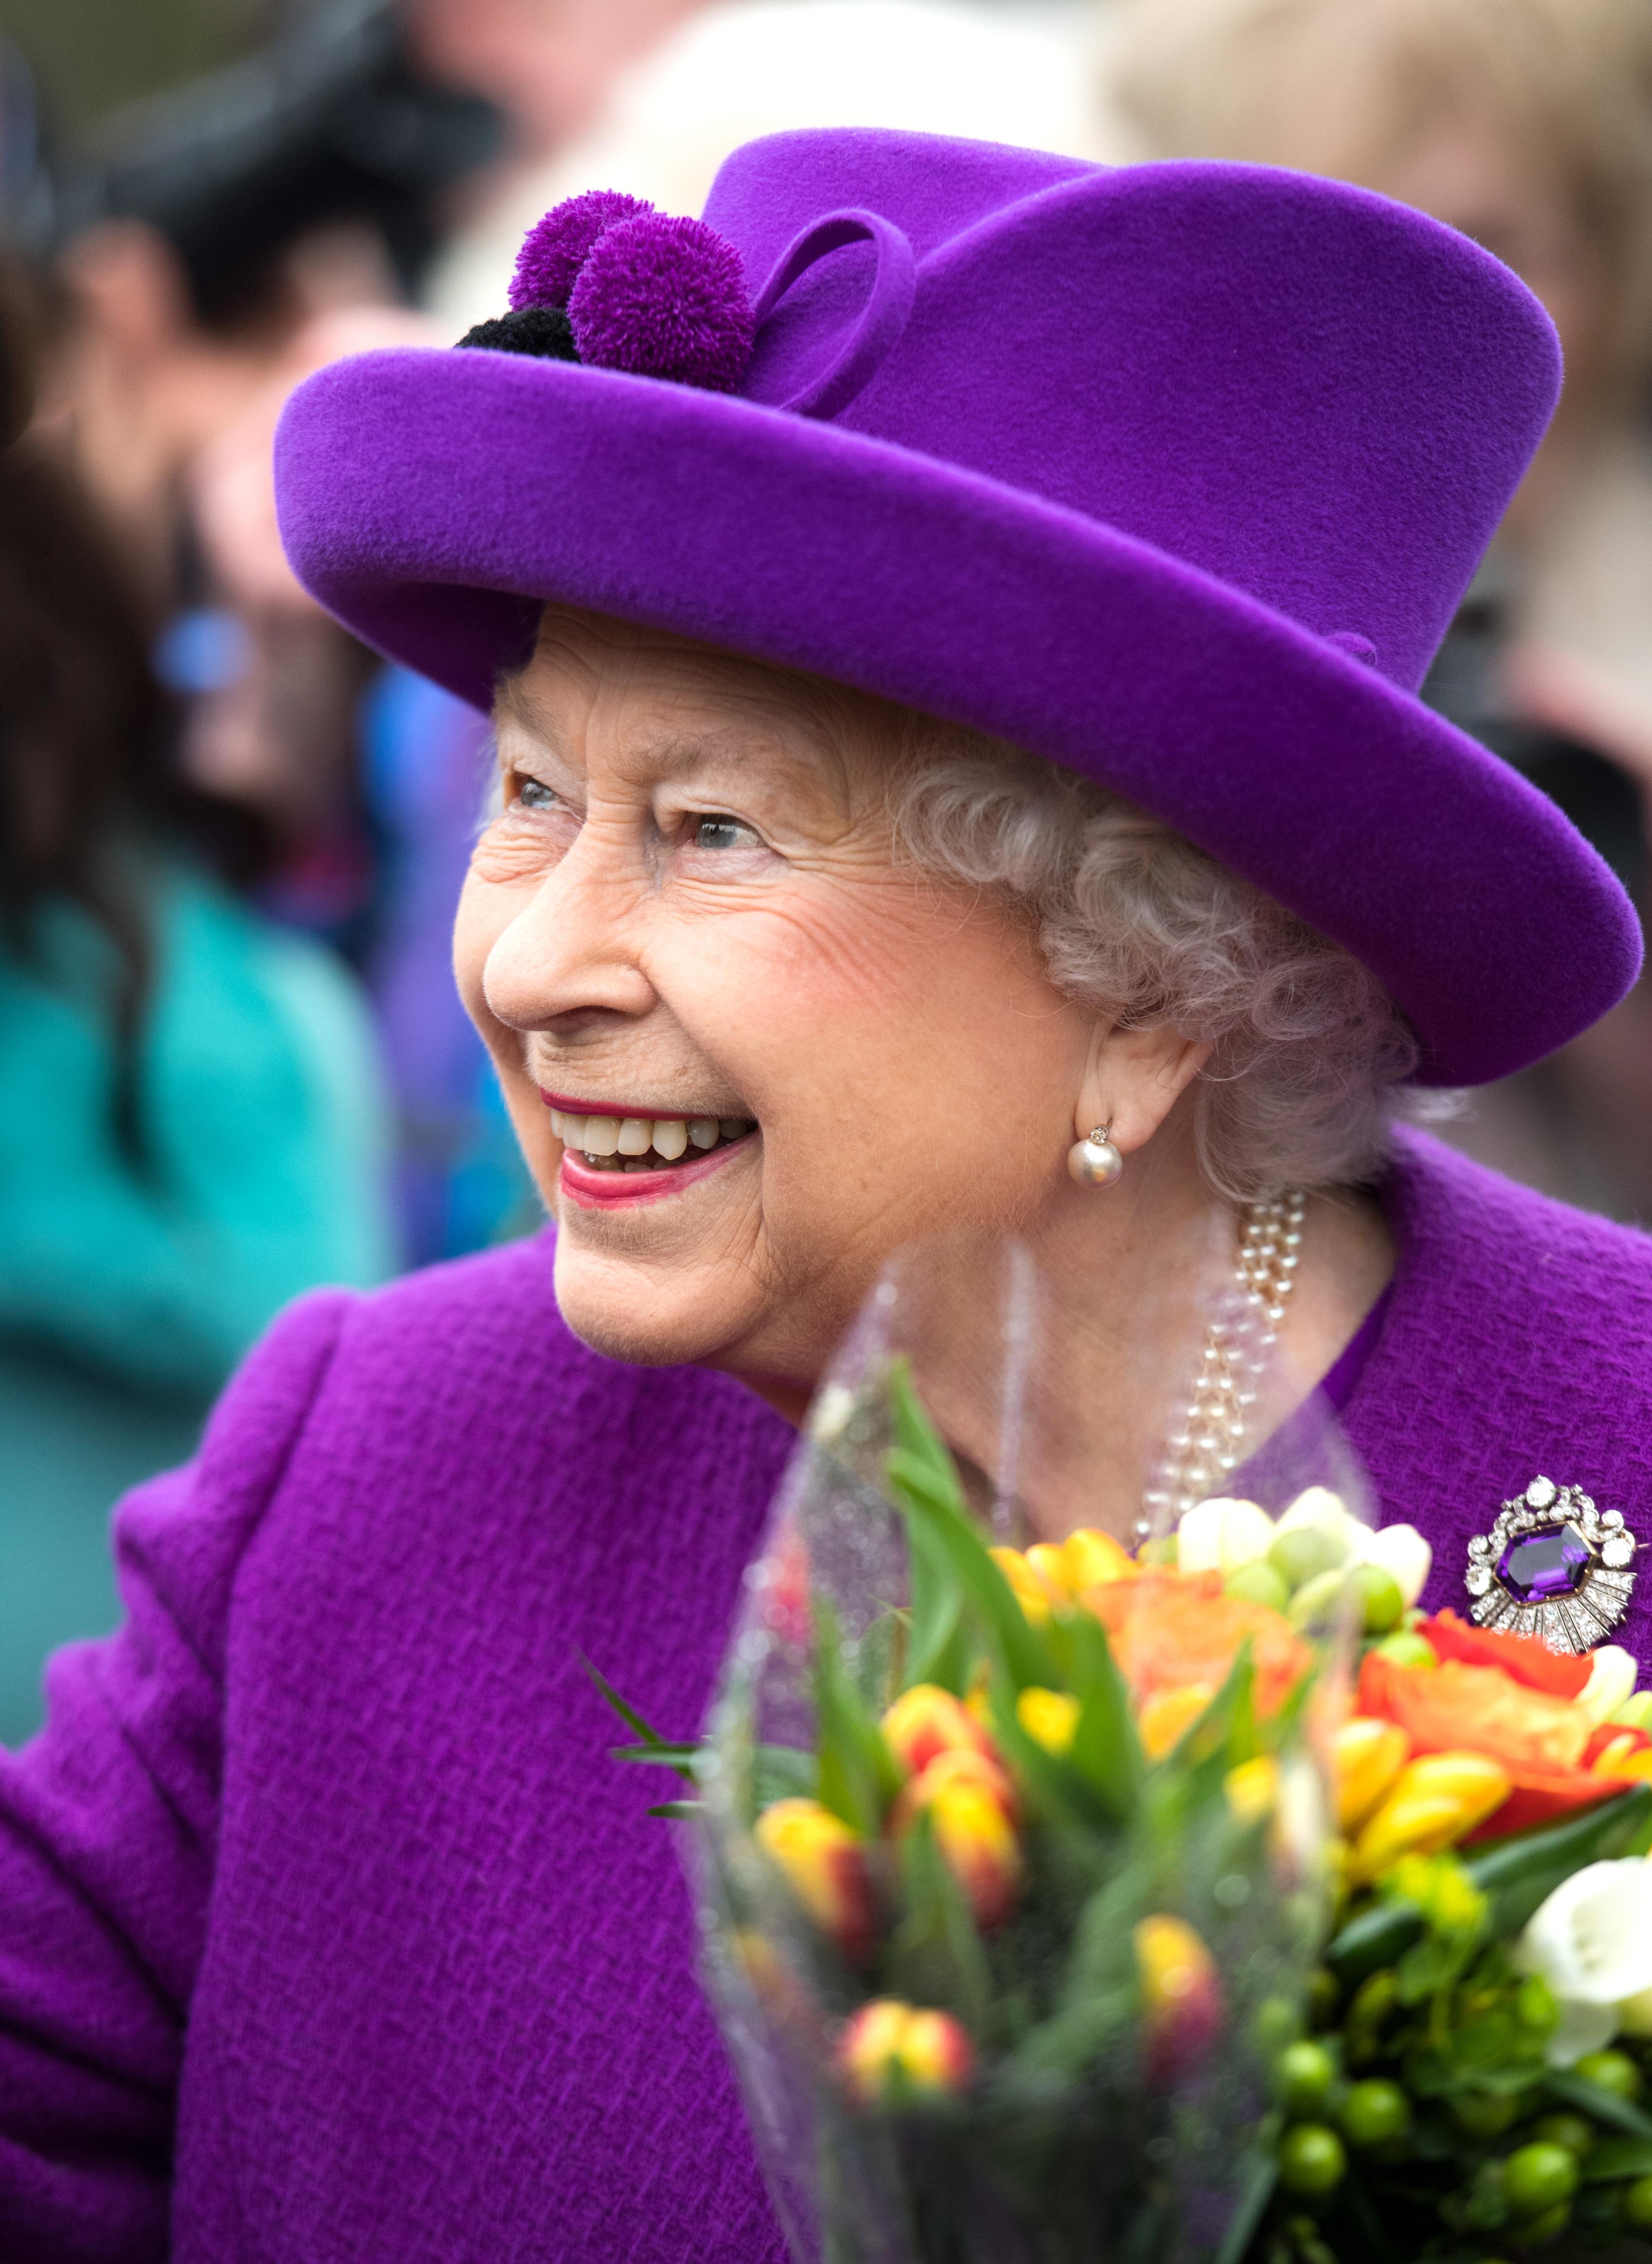 Ήρθε στο γραφείο το άρωμα της βασίλισσας Ελισάβετ! | tlife.gr